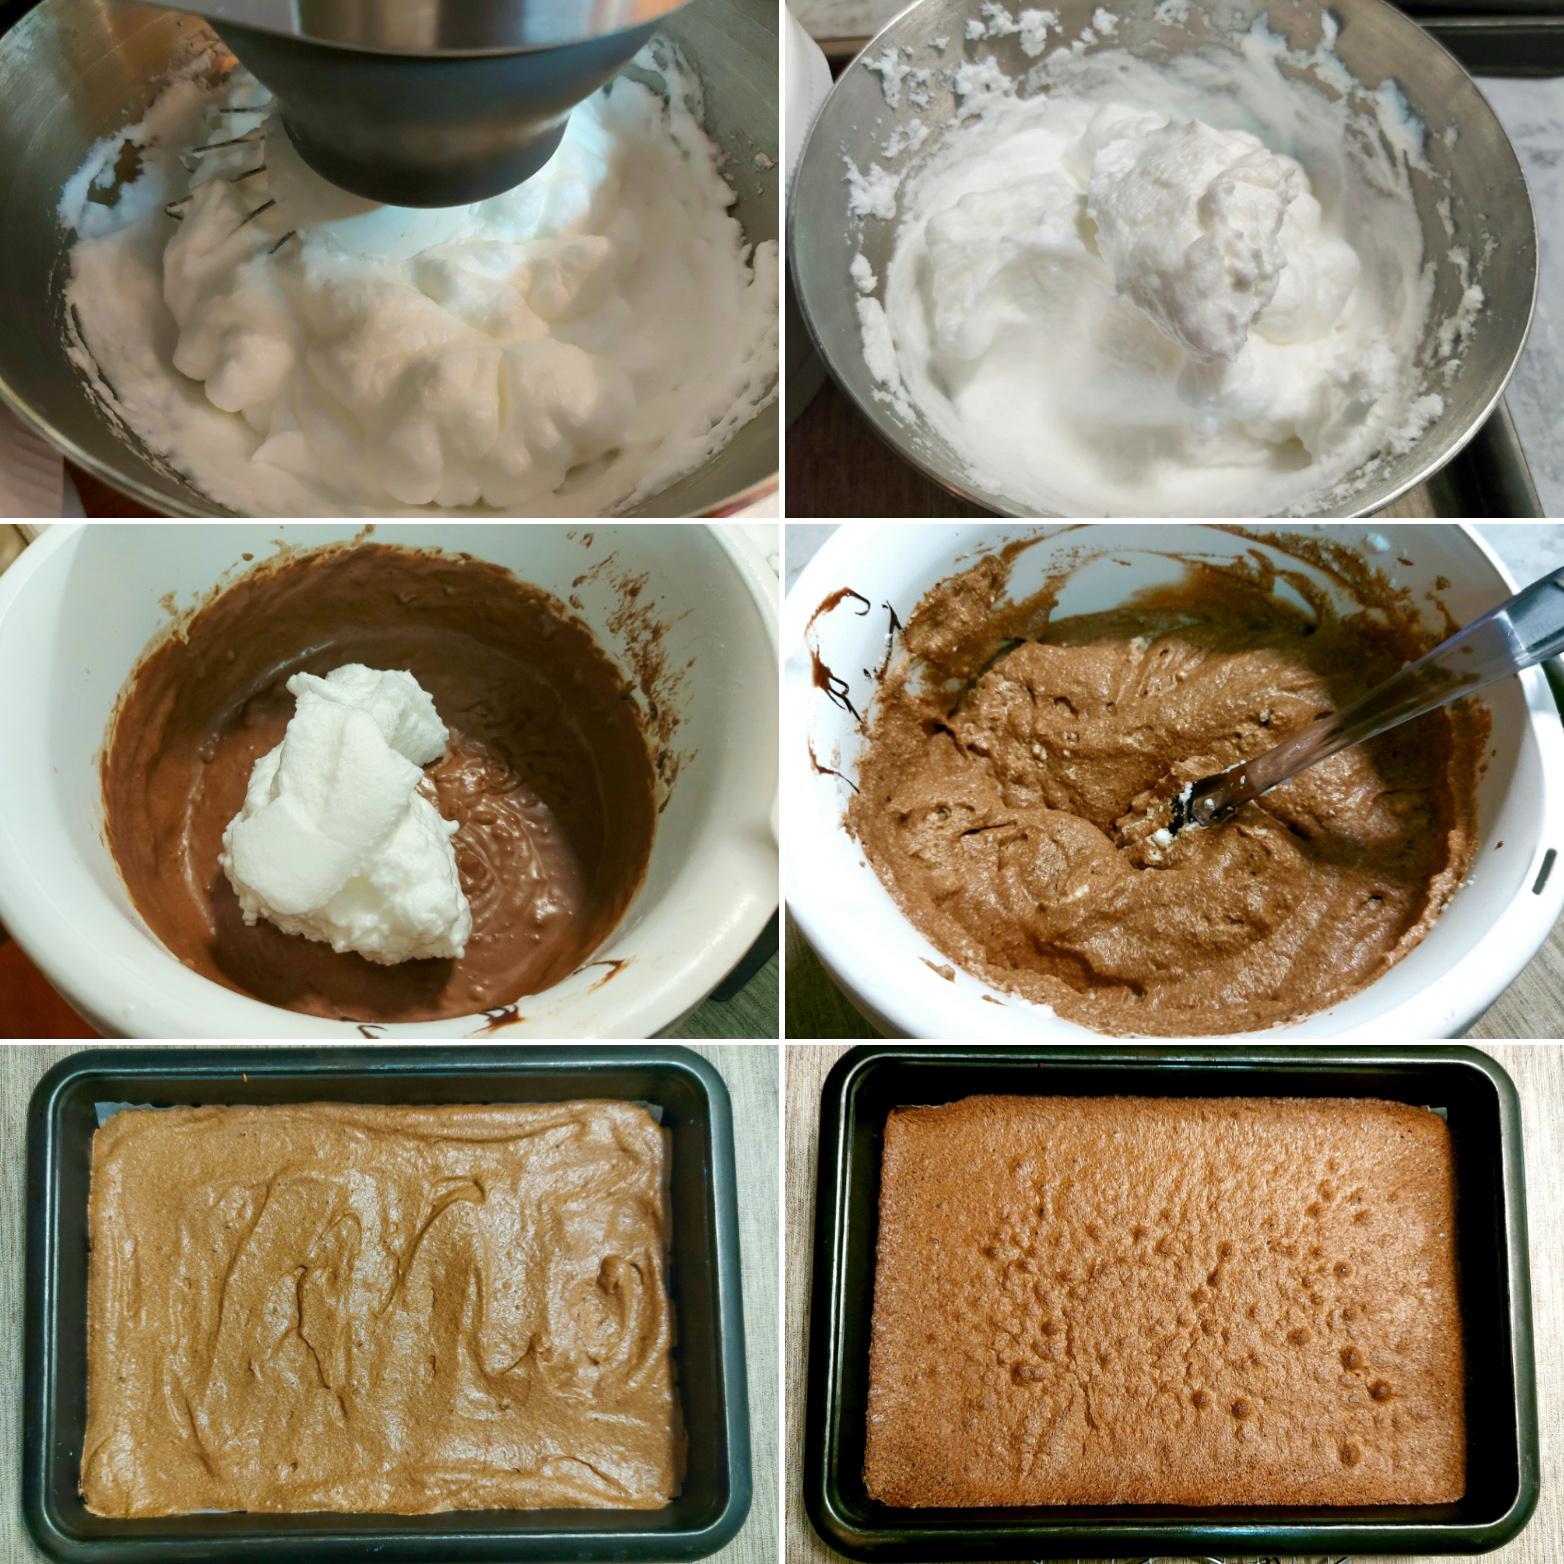 Cokoladna-jaffa-torta-8